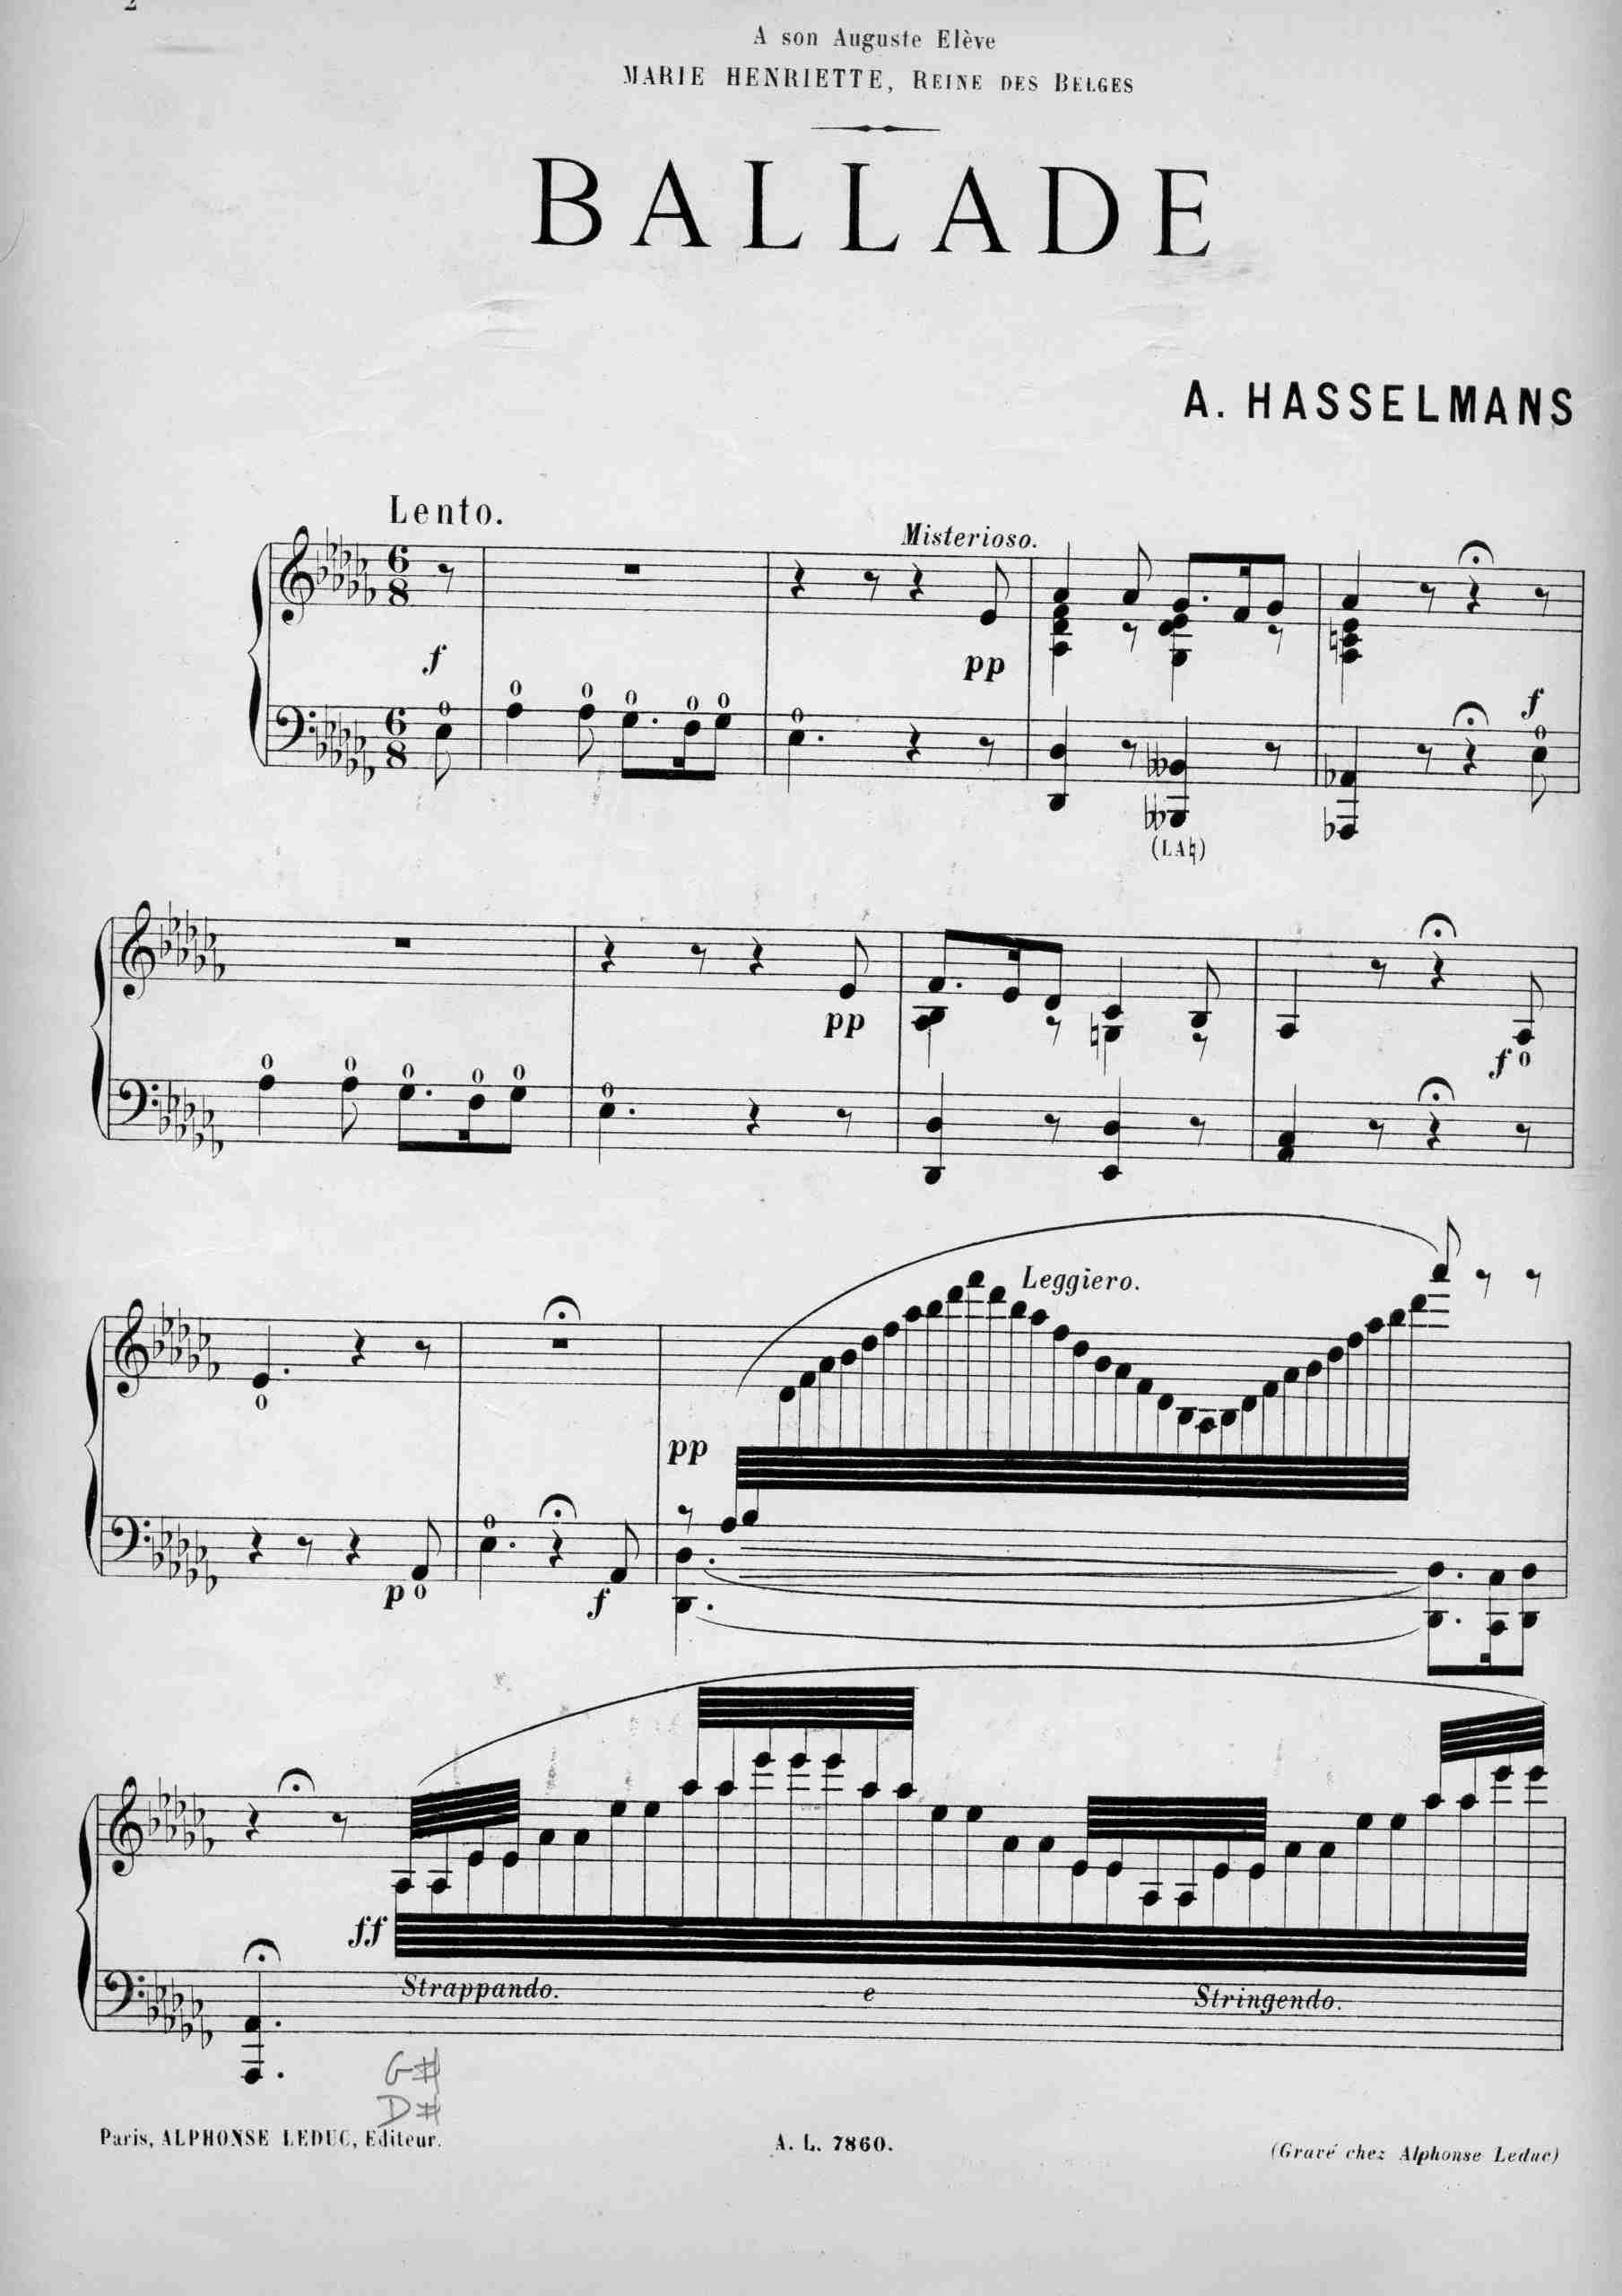 Hasselmans, Alphonse - Ballade